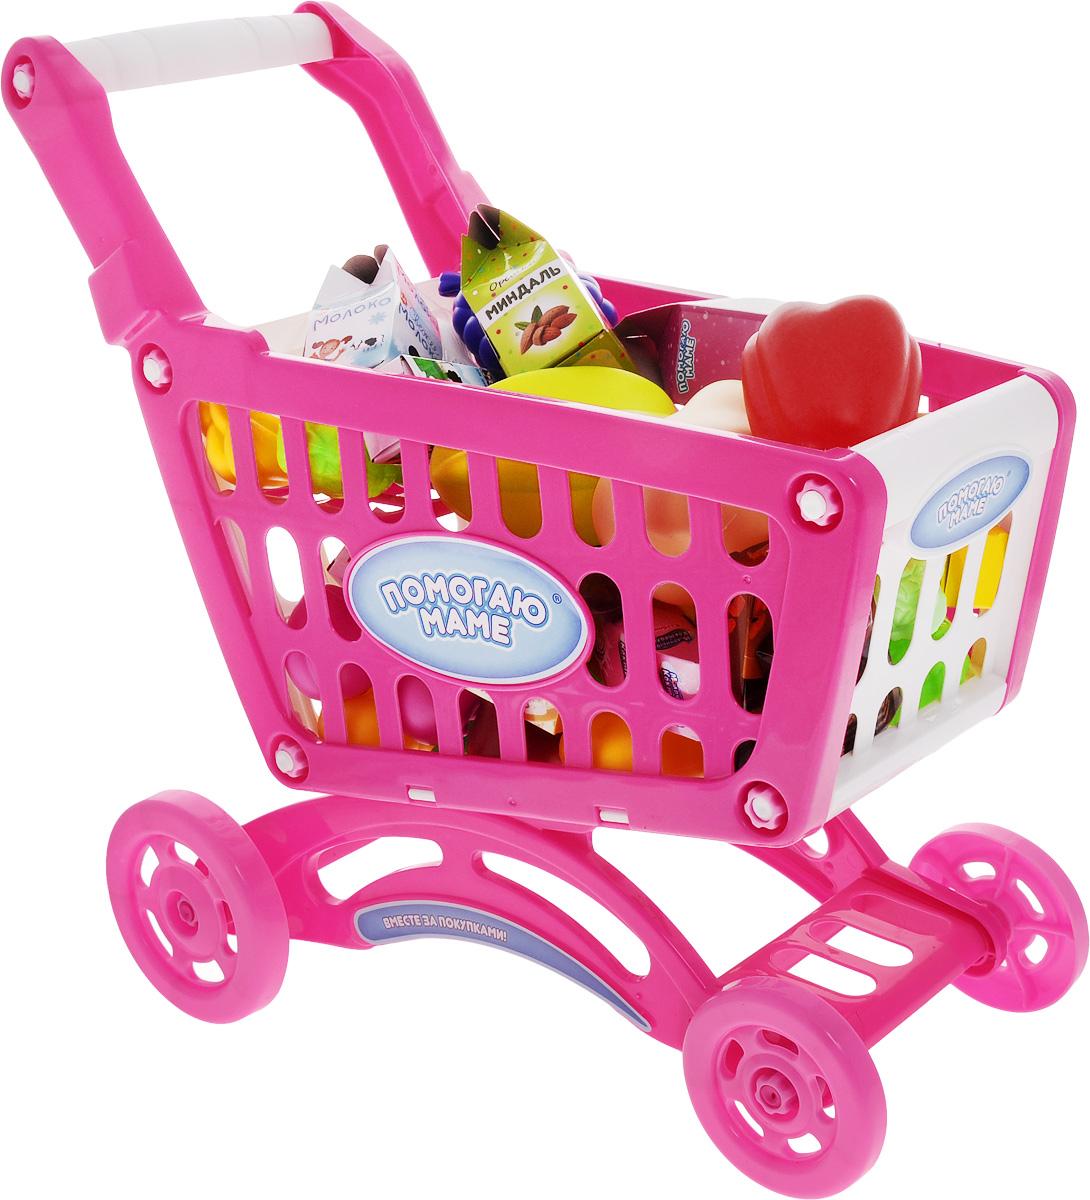 ABtoys Игрушечный набор Продуктовая корзинаPT-00358С игрушечным набором ABtoys Продуктовая корзина ребенок сможет играть в сюжетно-ролевые игры, связанные с продуктовым магазином. Изготовленные из качественного пластика фрукты и овощи также будут уместны и на игрушечной кухне. Делая воображаемые покупки или готовя ненастоящую еду, ребенок сможет подражать своим родителям. Продуктовая корзина-тележка устойчива и не имеет острых углов. Крупные колеса легко вращаются и без проблем ездят по твердой поверхности.